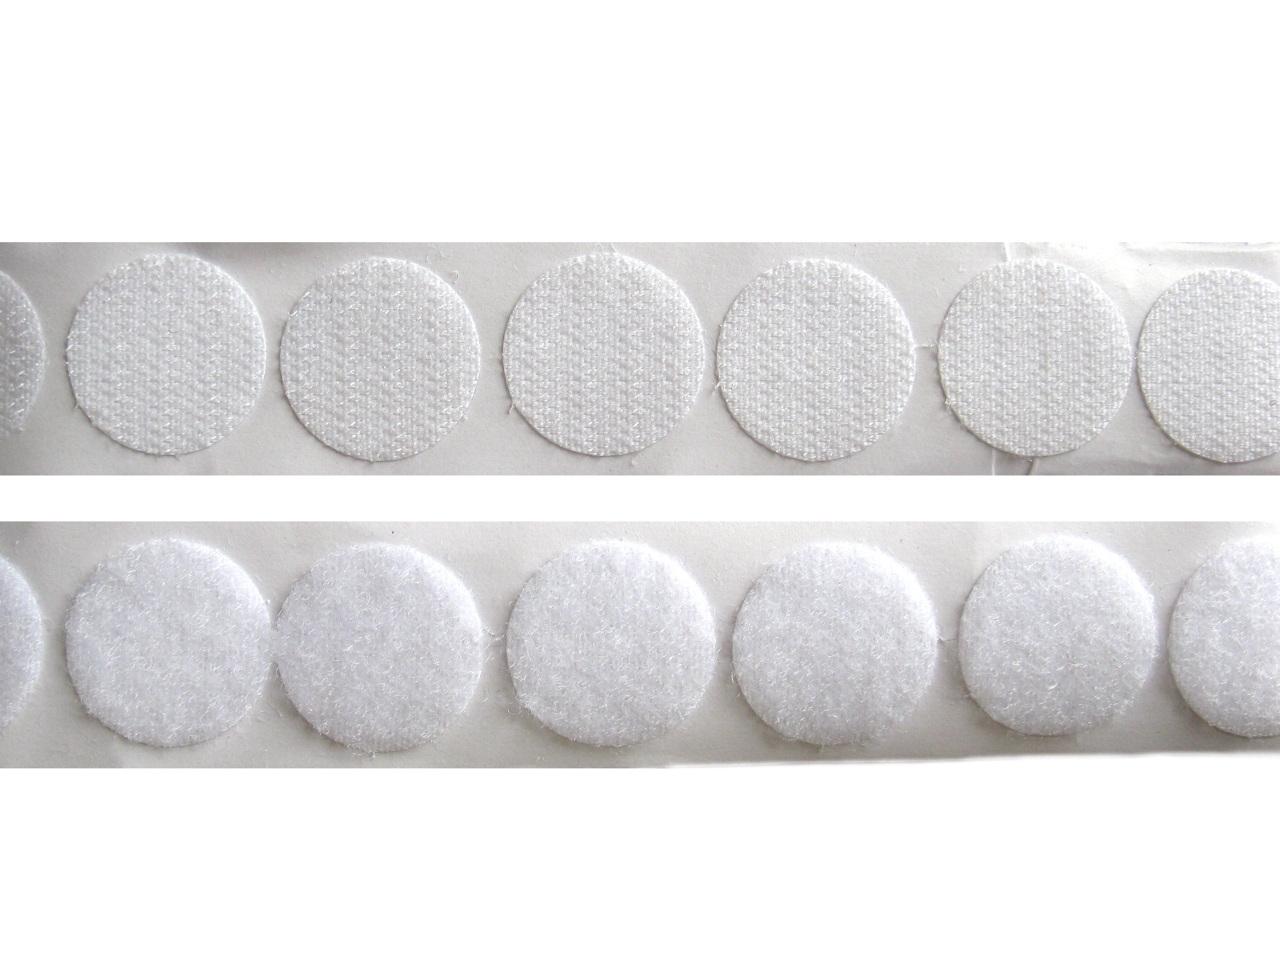 Suchý zip samolepicí - kolečka Ø 25 mm, barva Bílá